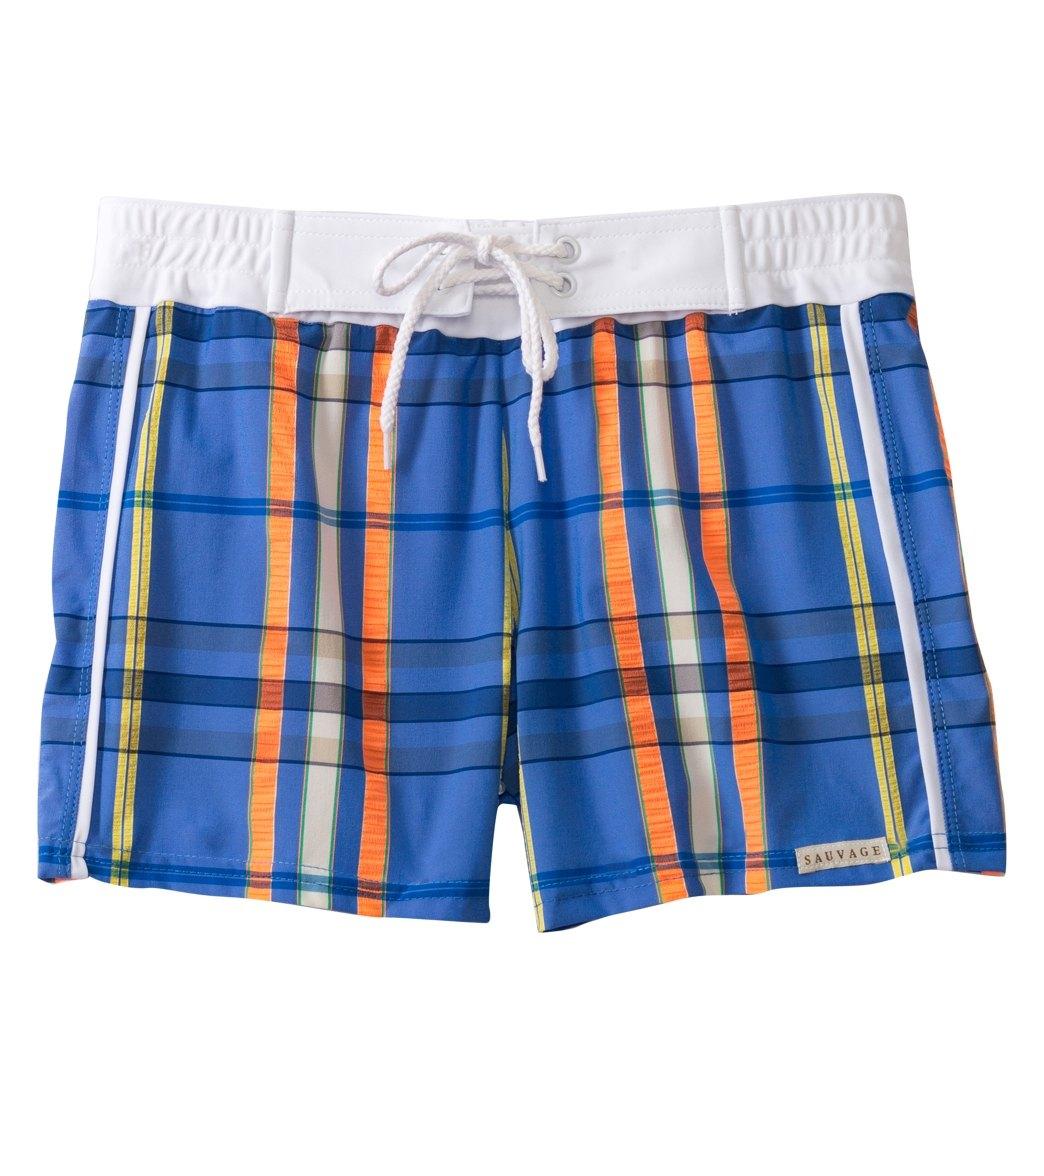 2c44106ea184f Sauvage Men's Como Italia Plaids Retro Square Cut Swim Trunk at  SwimOutlet.com - Free Shipping